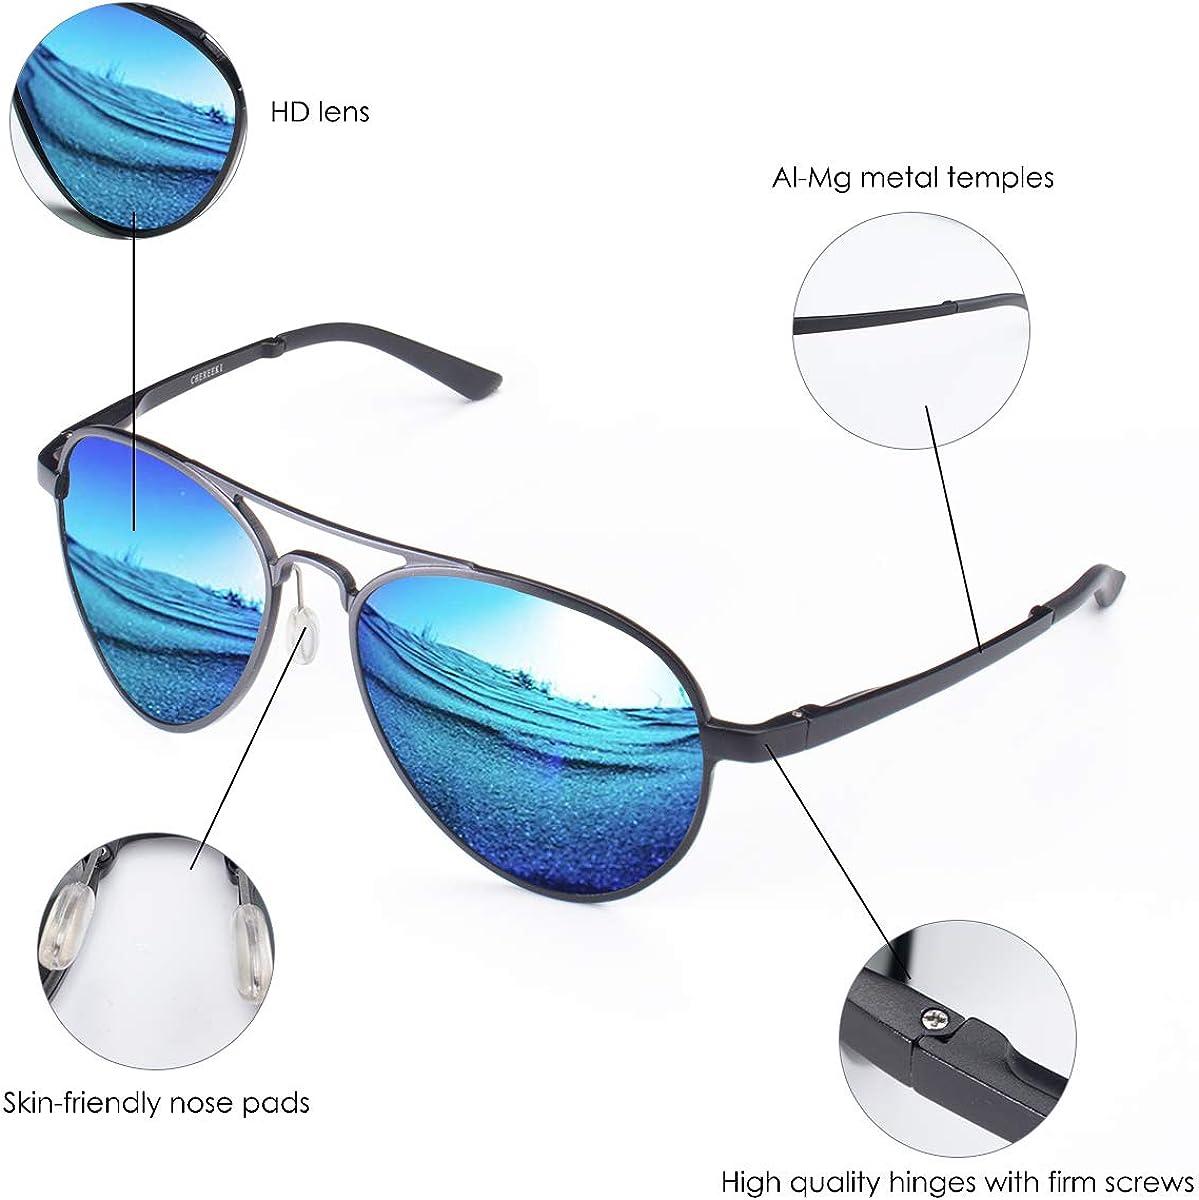 CHEREEKI Gafas de sol Hombre polarizadas Gafas de Sol Aviador Hombres Mujeres Protecci/ón UV400 para Conducci/ón Verano Deportes Moda Gafas de sol